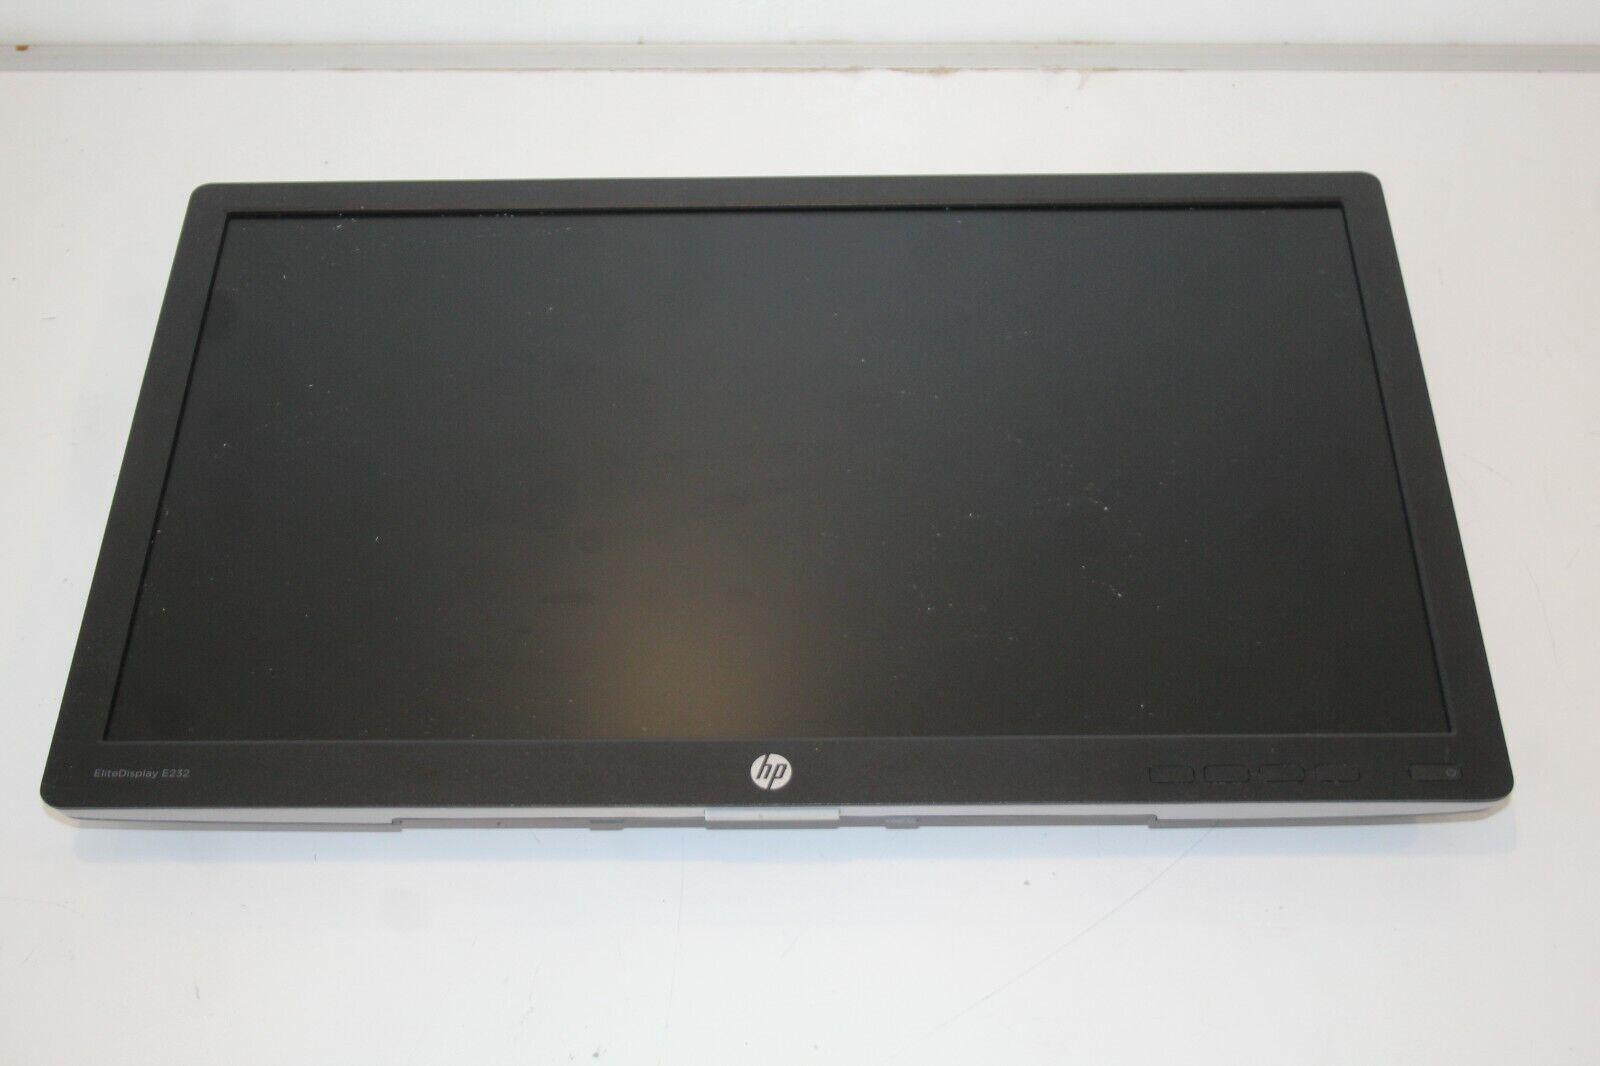 """HP EliteDisplay E232 LED Monitor Full HD 1080p 23"""" No Stand"""